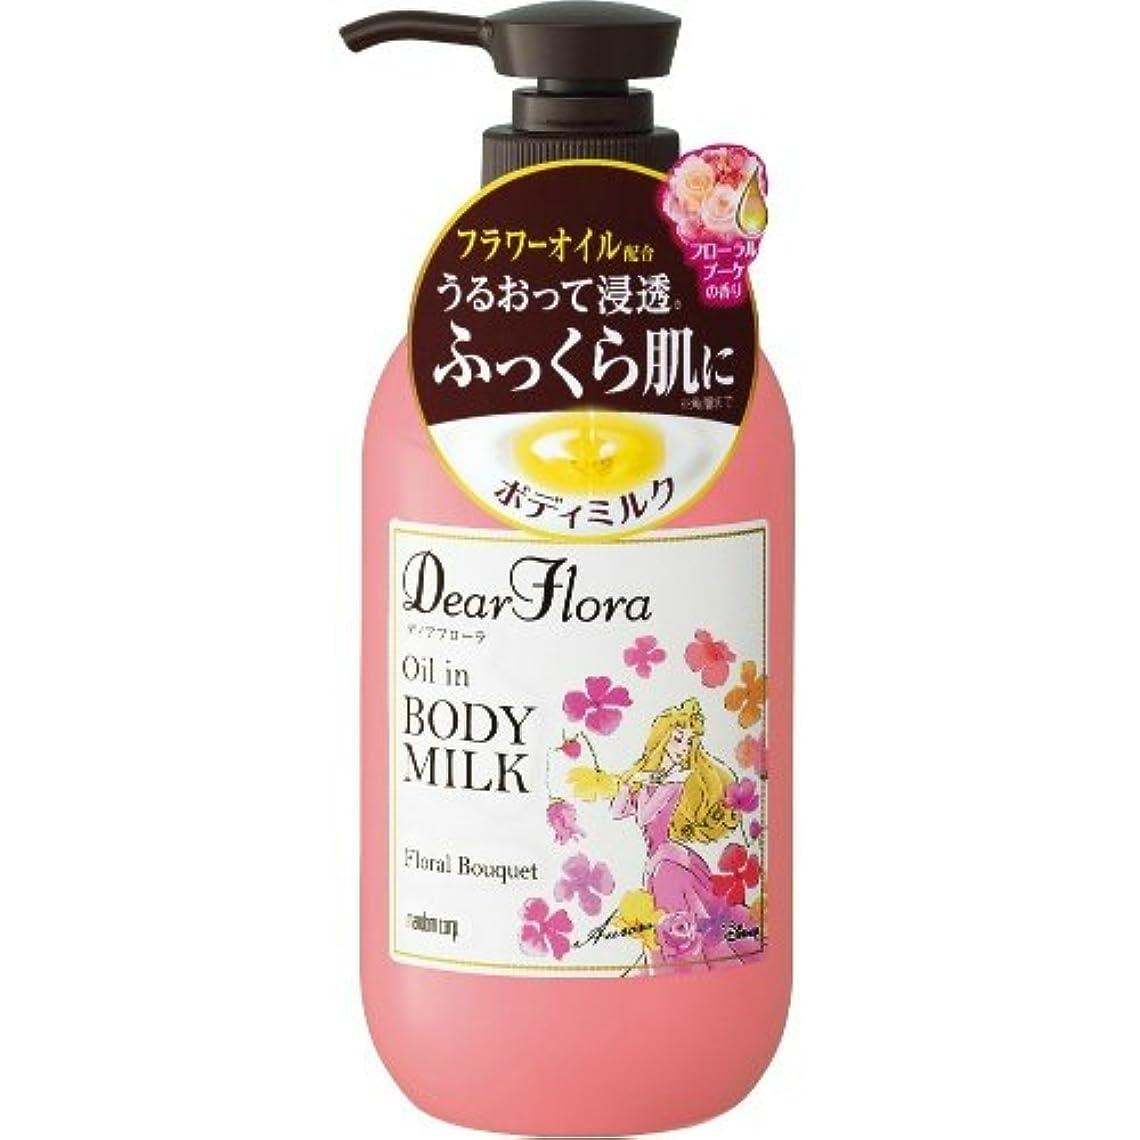 作者効果的資本主義MANDOM マンダム ディアフローラ オイルインボディミルク フローラルブーケの香り 240ml ×024点セット(4902806105414)